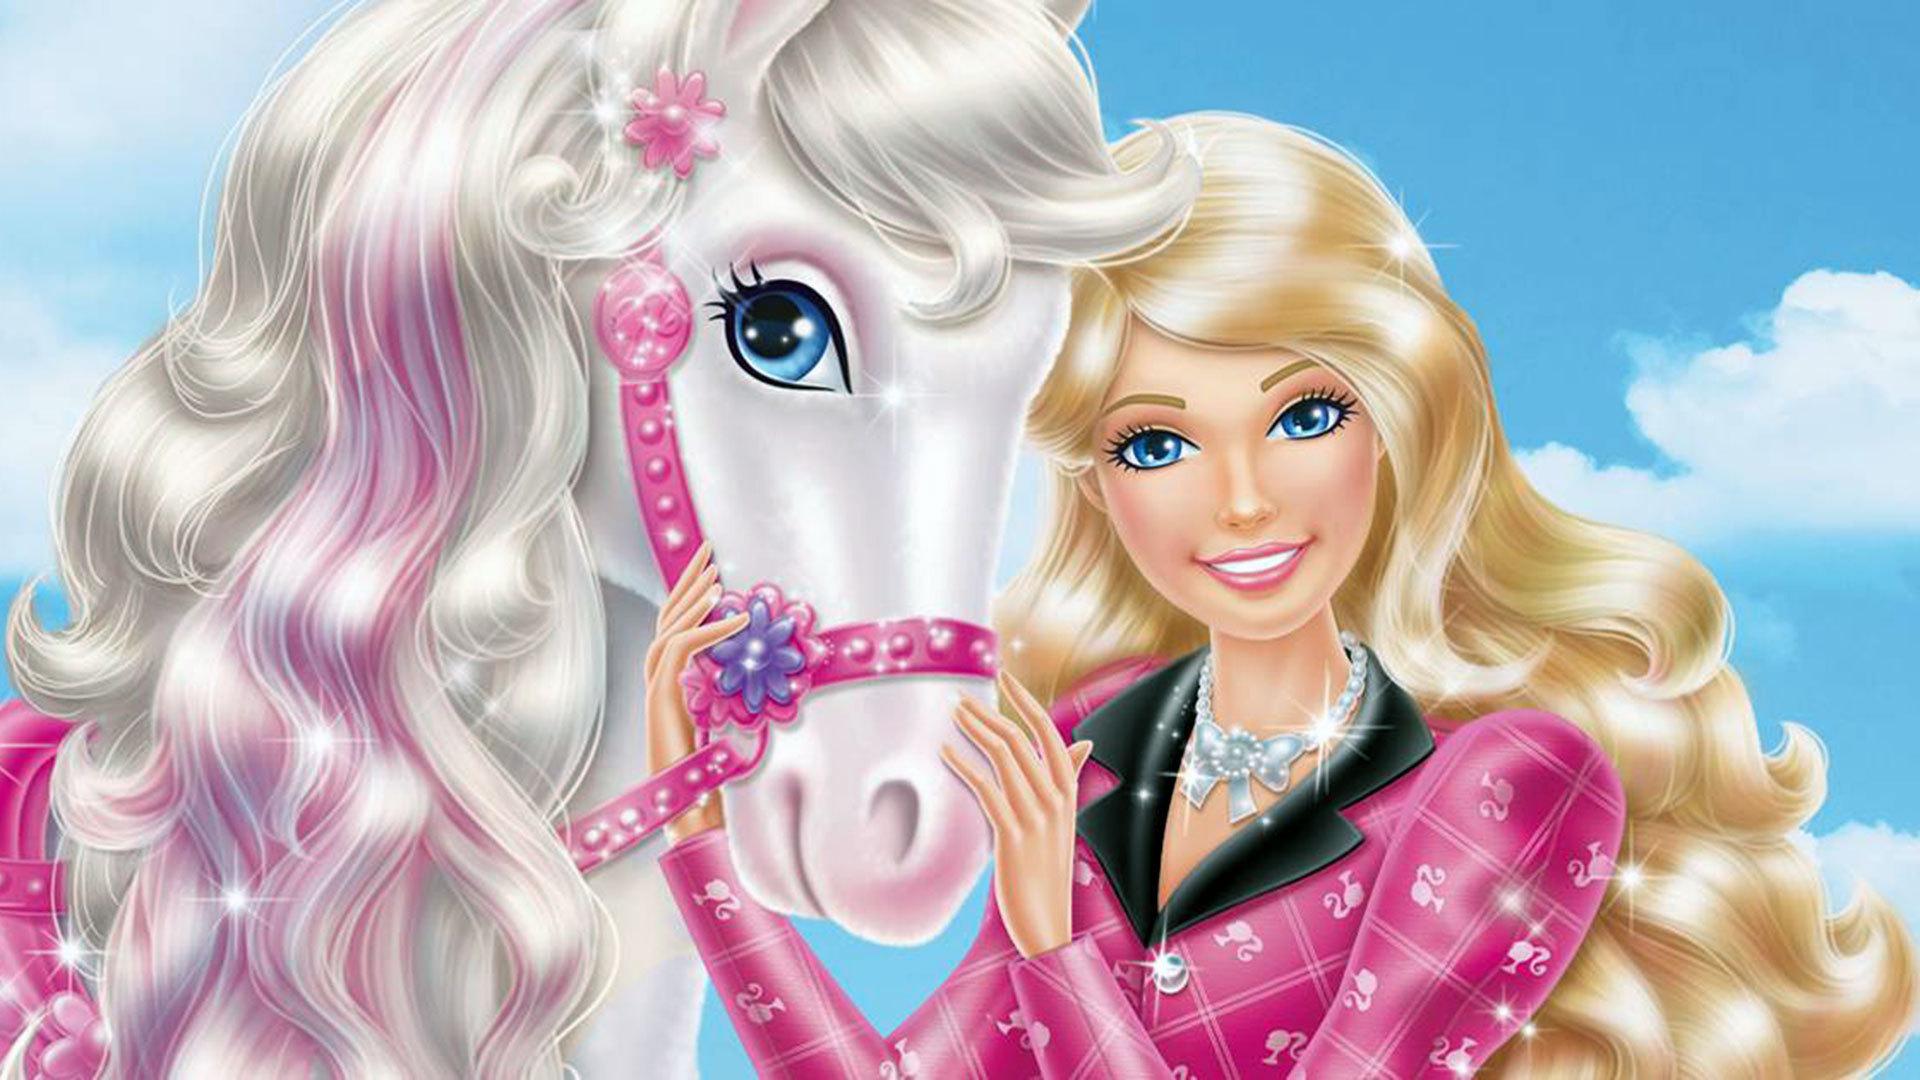 barbie wallpaper pony